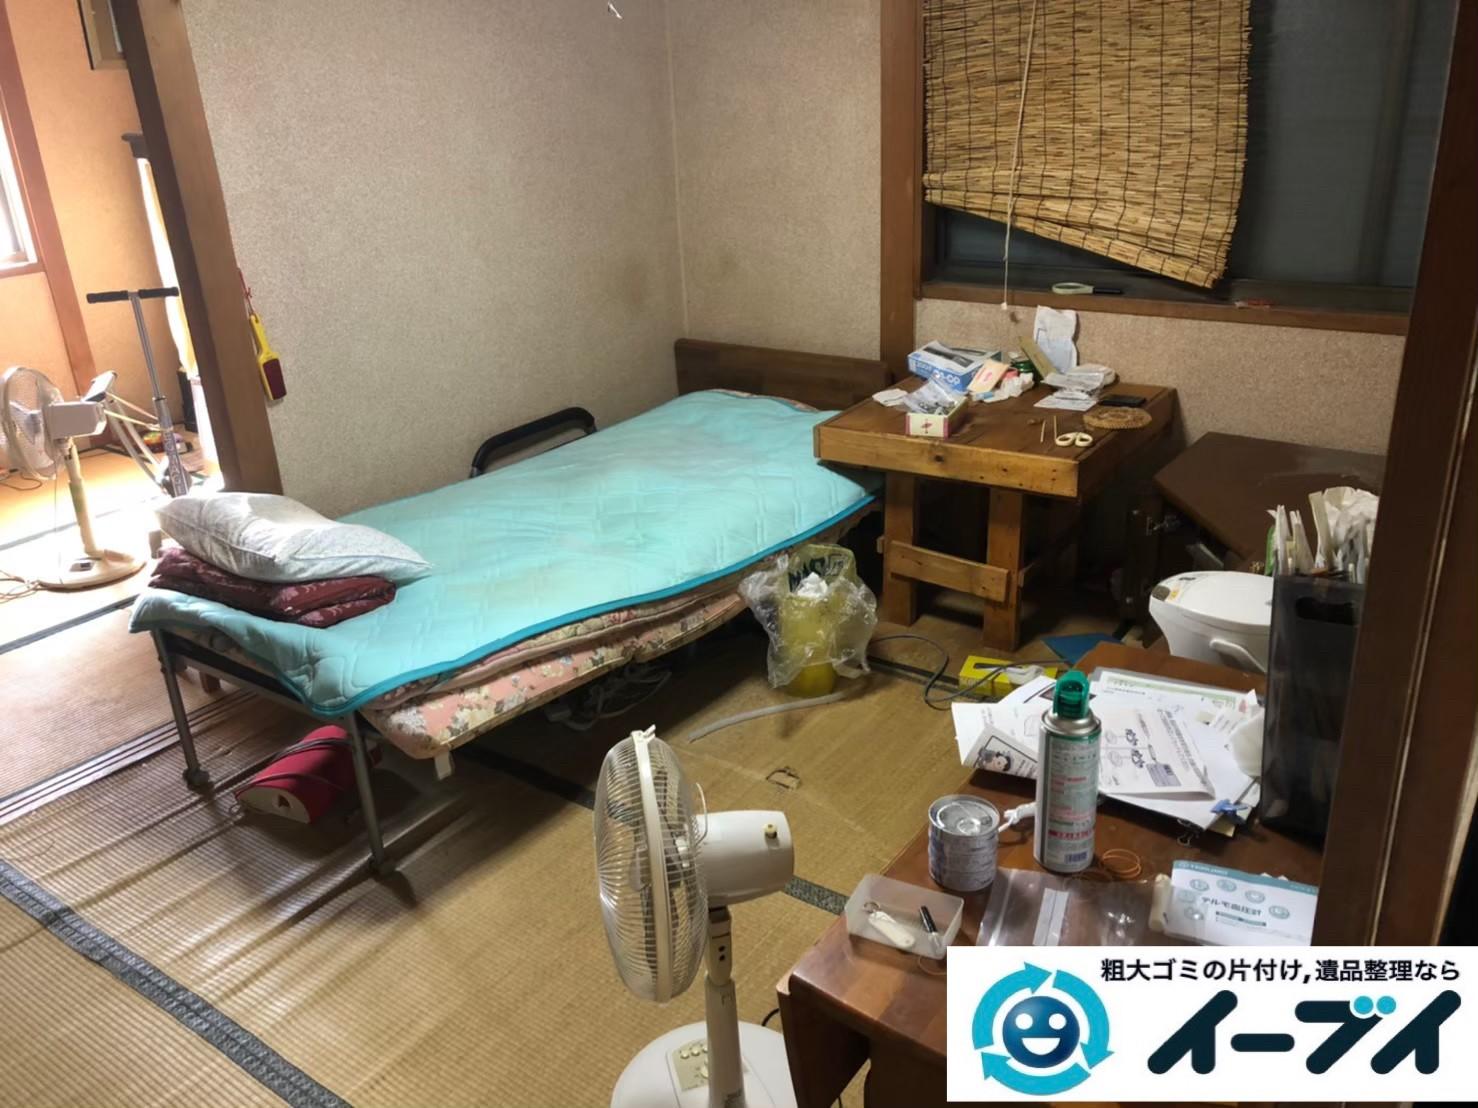 2020年3月31日大阪府大阪市港区で退去に伴い、お家の家財道具を一式処分させていただきました。写真1